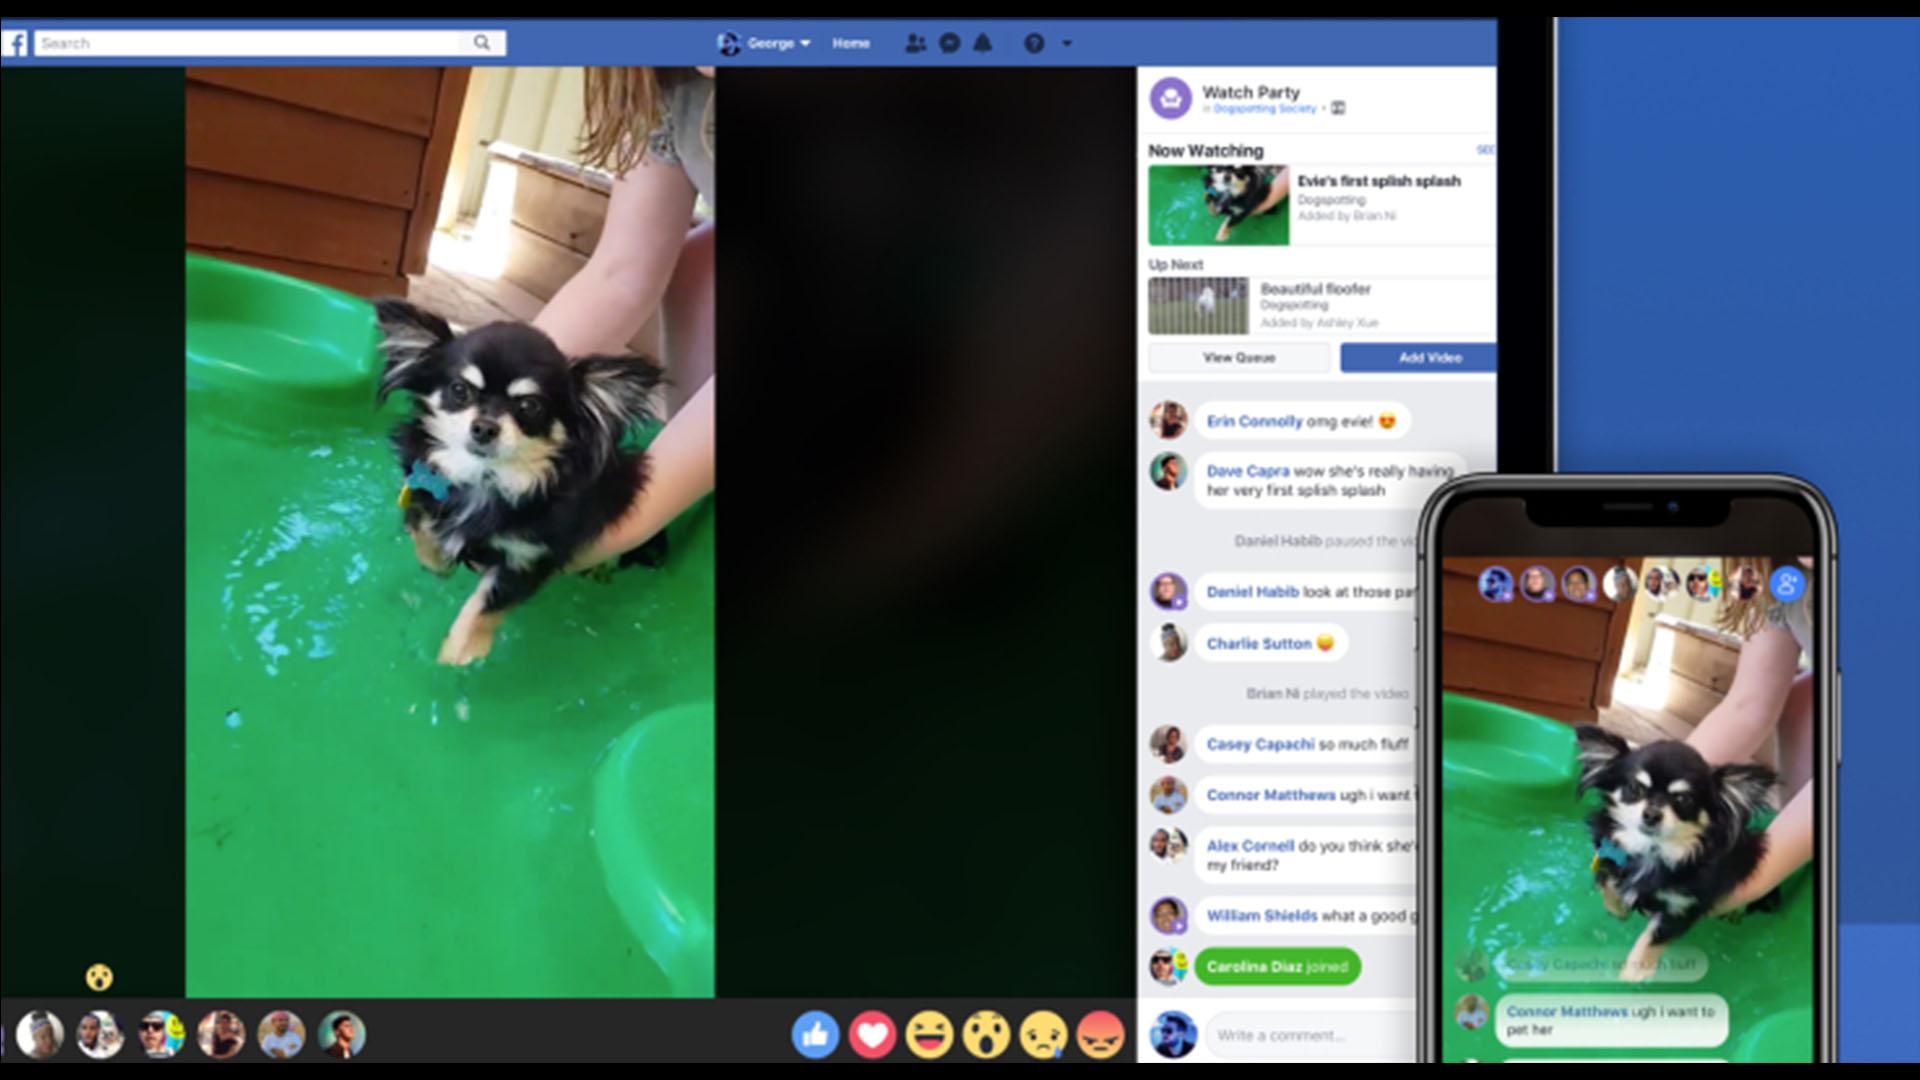 มาแล้ว! Facebook ทดสอบ Watch Party ดูวีดีโอพร้อมเพื่อนในกลุ่มเท่านั้น